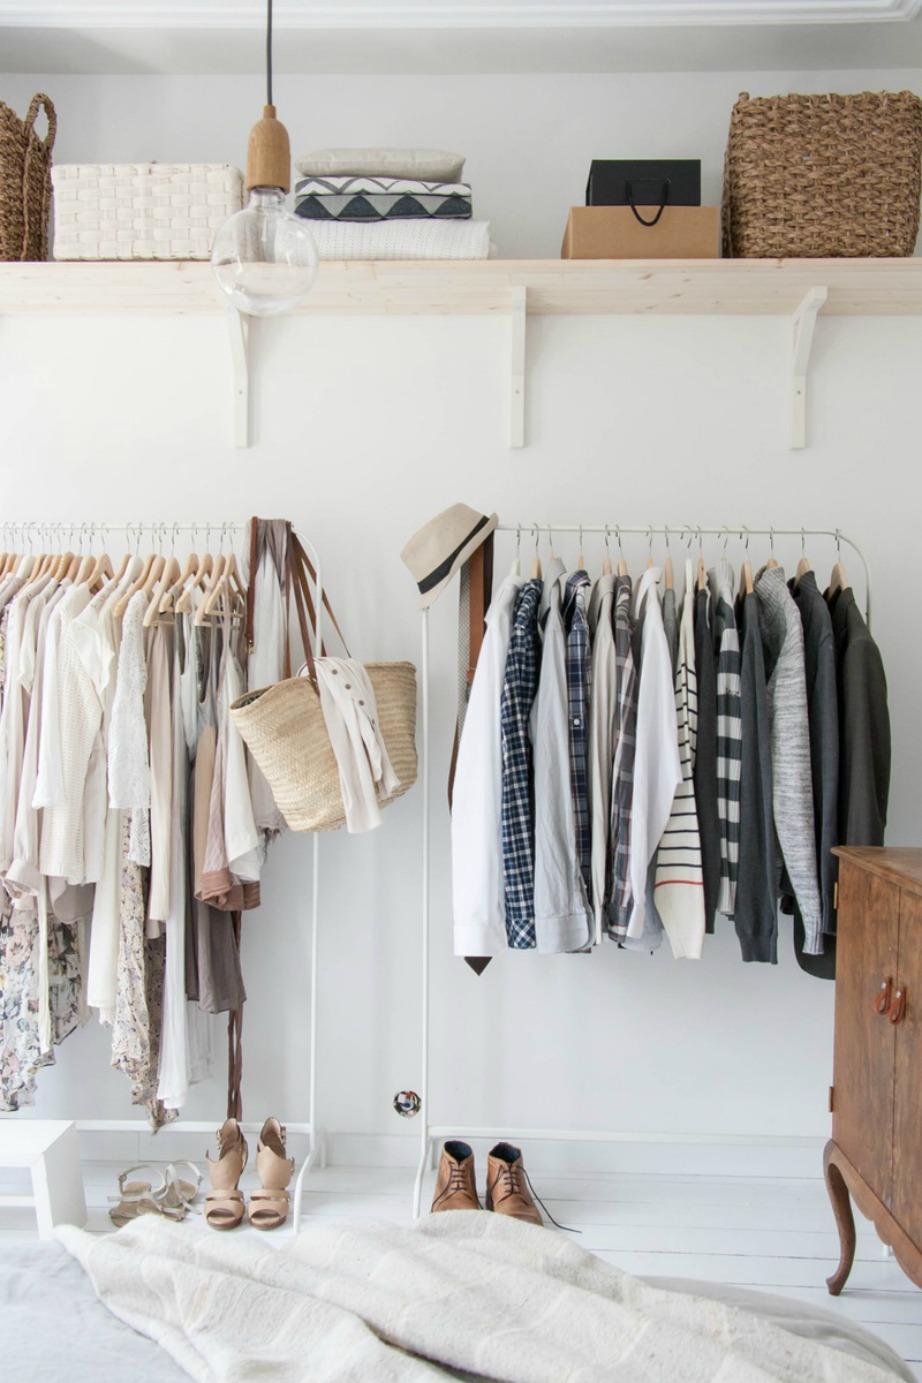 Χρησιμοποιώντας ράφια θα έχετε τη δυνατότητα να αποθηκεύσετε ρούχα που δεν χρειάζεστε άμεσα.